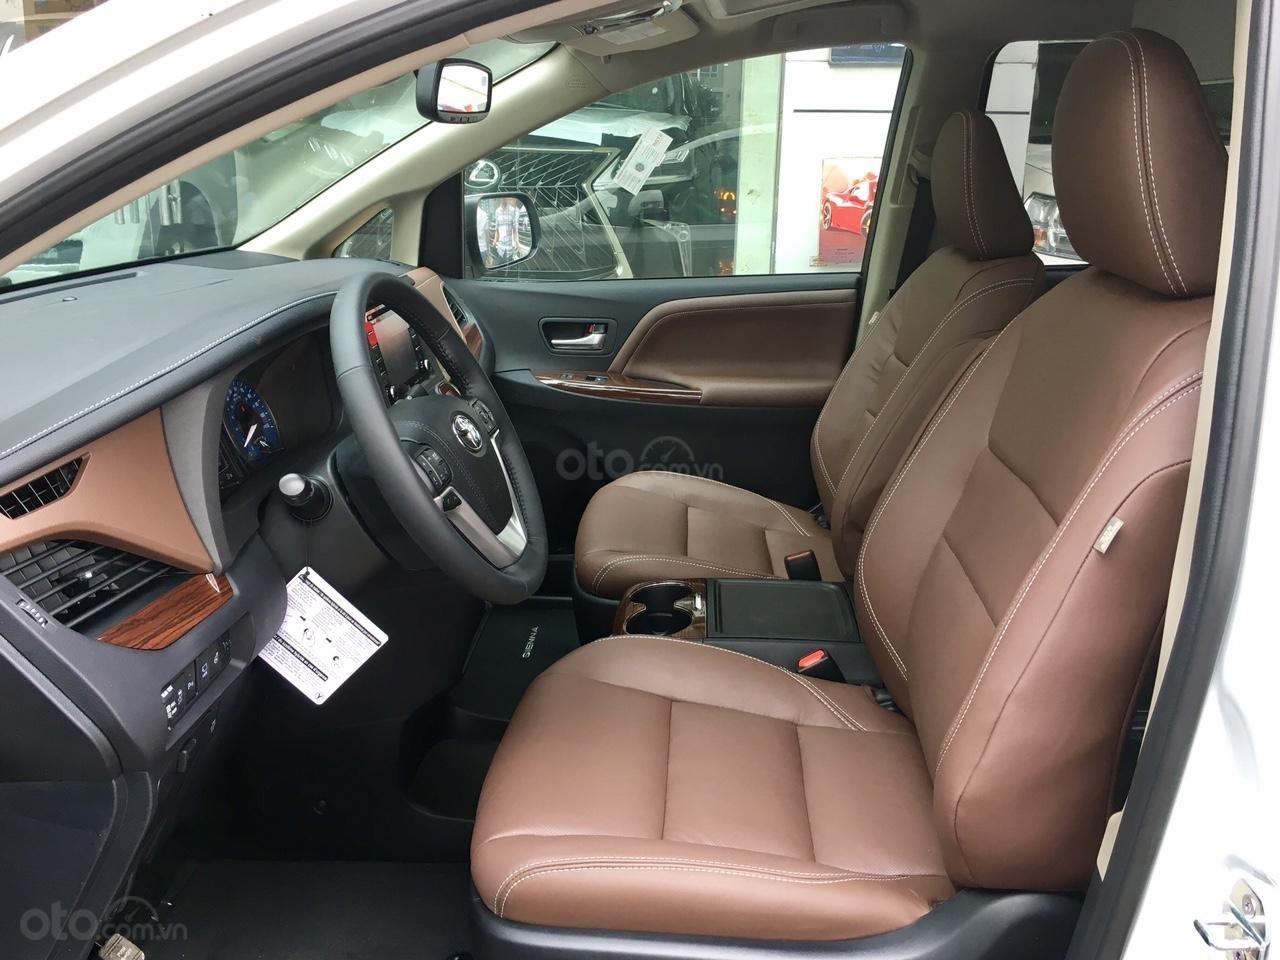 Bán Toyota Sienna Limited 2020 bản 1 cầu, giá tốt, nhập Mỹ giao ngay toàn quốc- LH 0945.39.2468 Ms Hương (19)